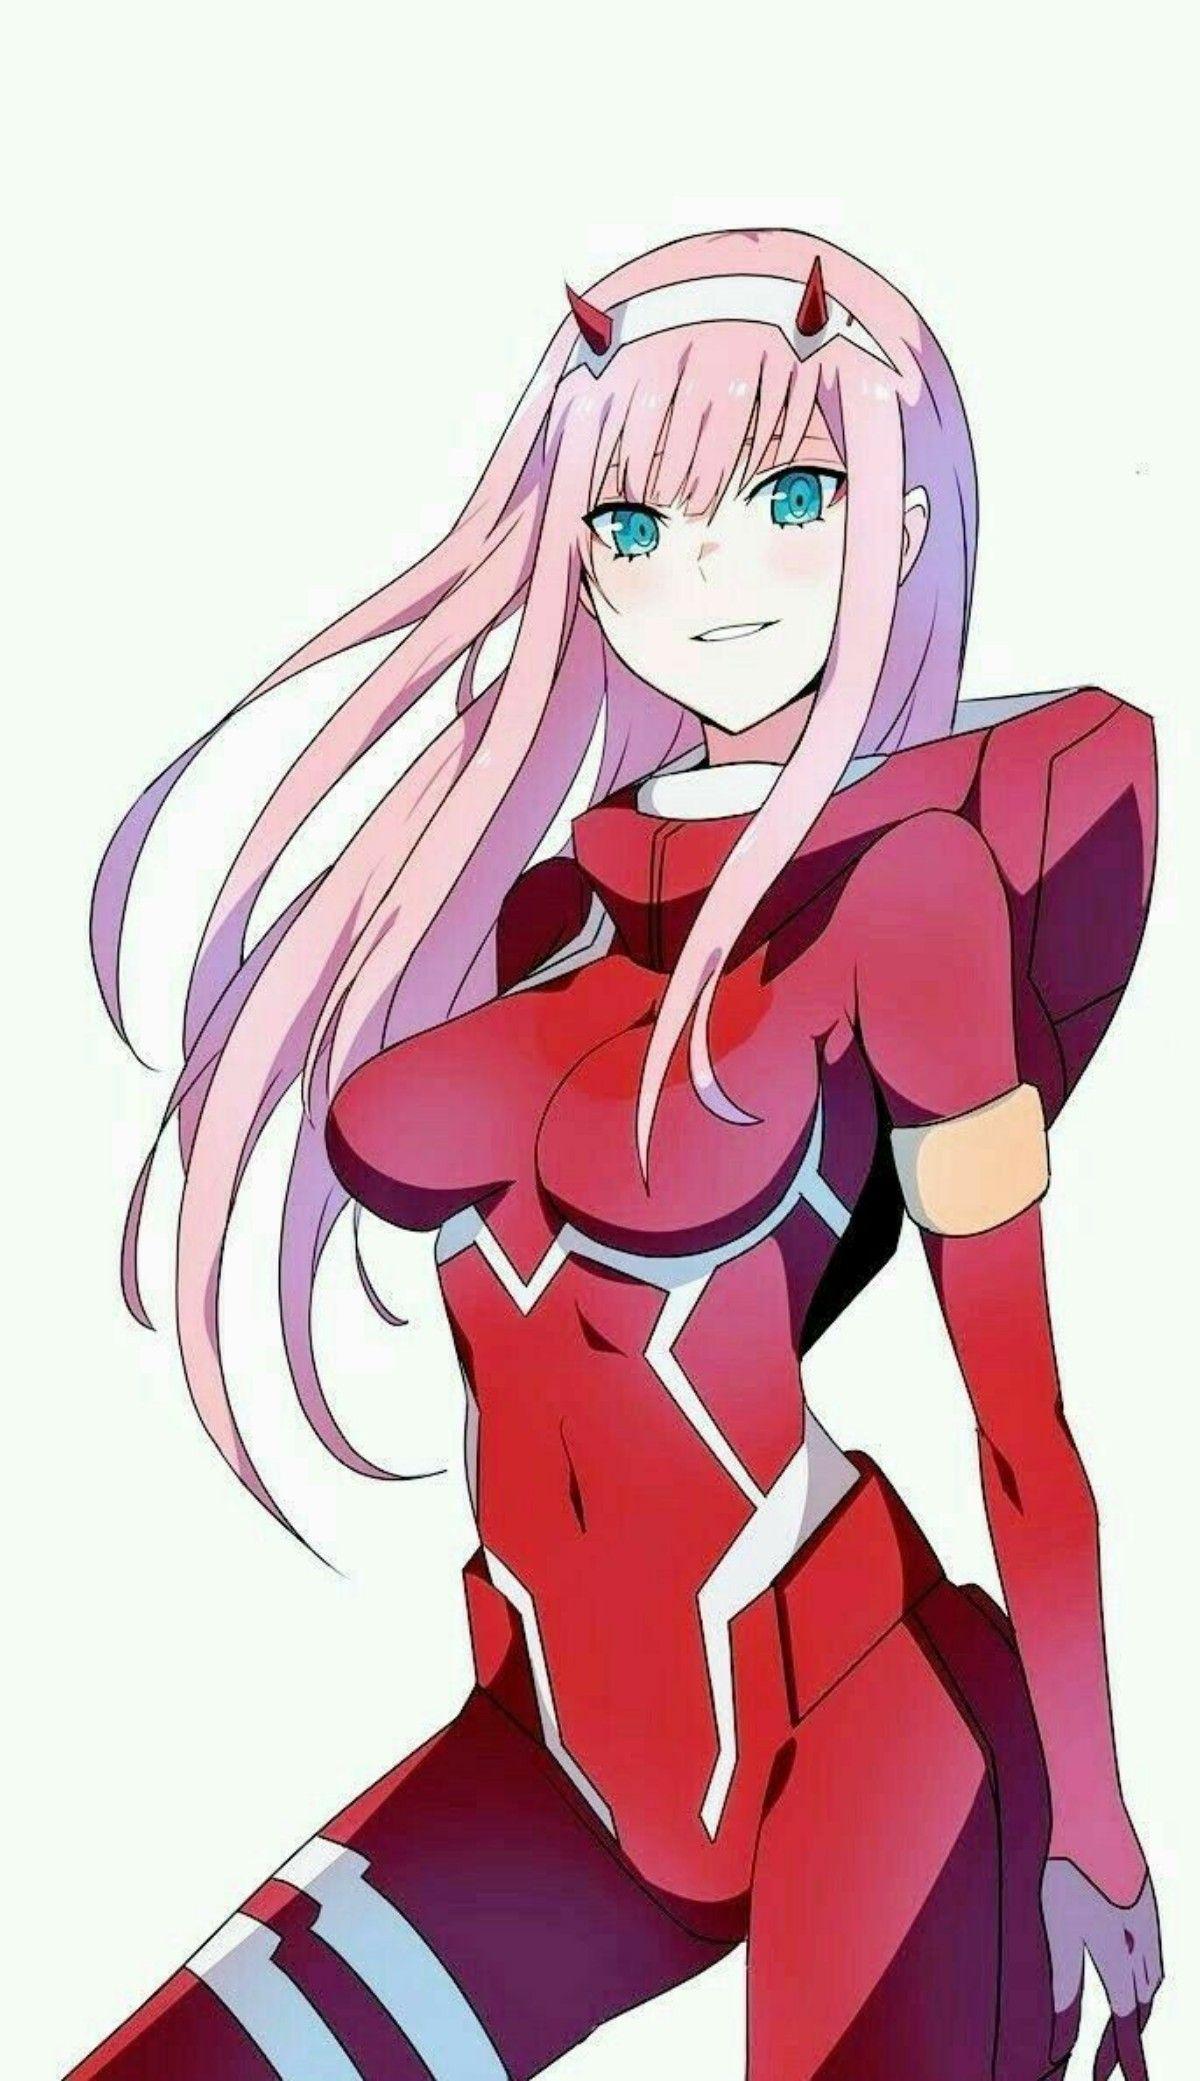 Darling In The Franxx zerotwo animegirl anime in 2020